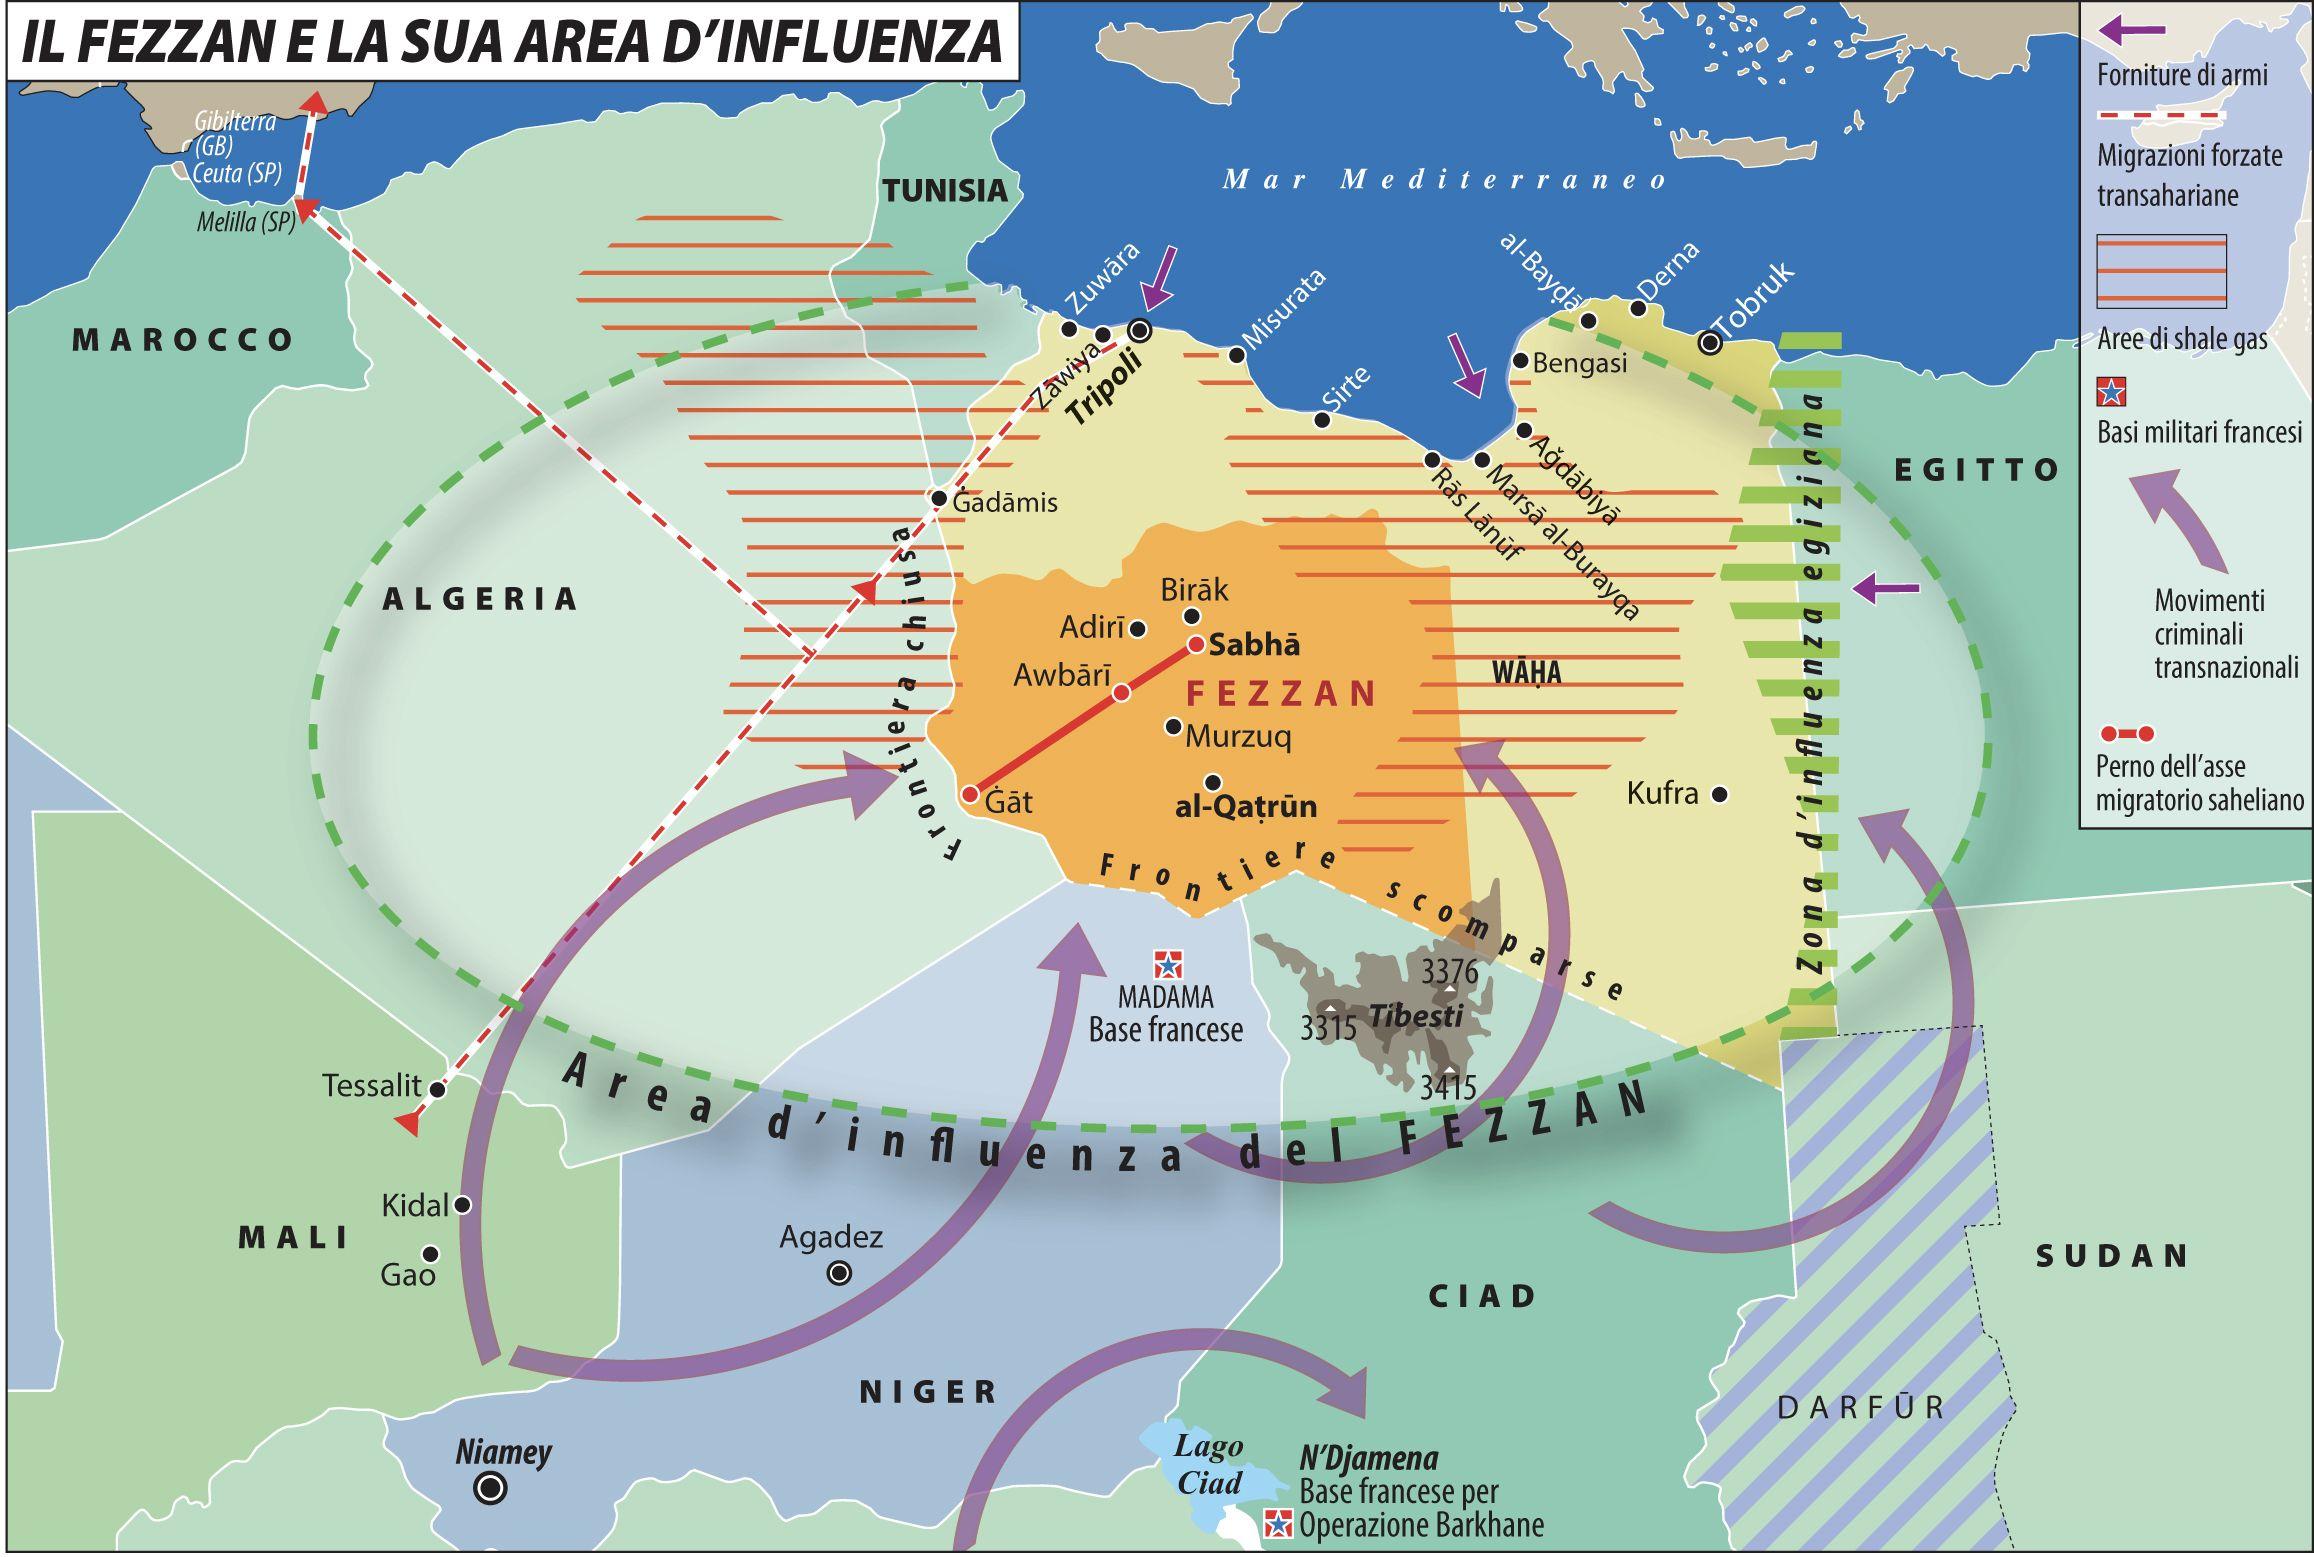 Il Fezzan e la sua area d'influenza